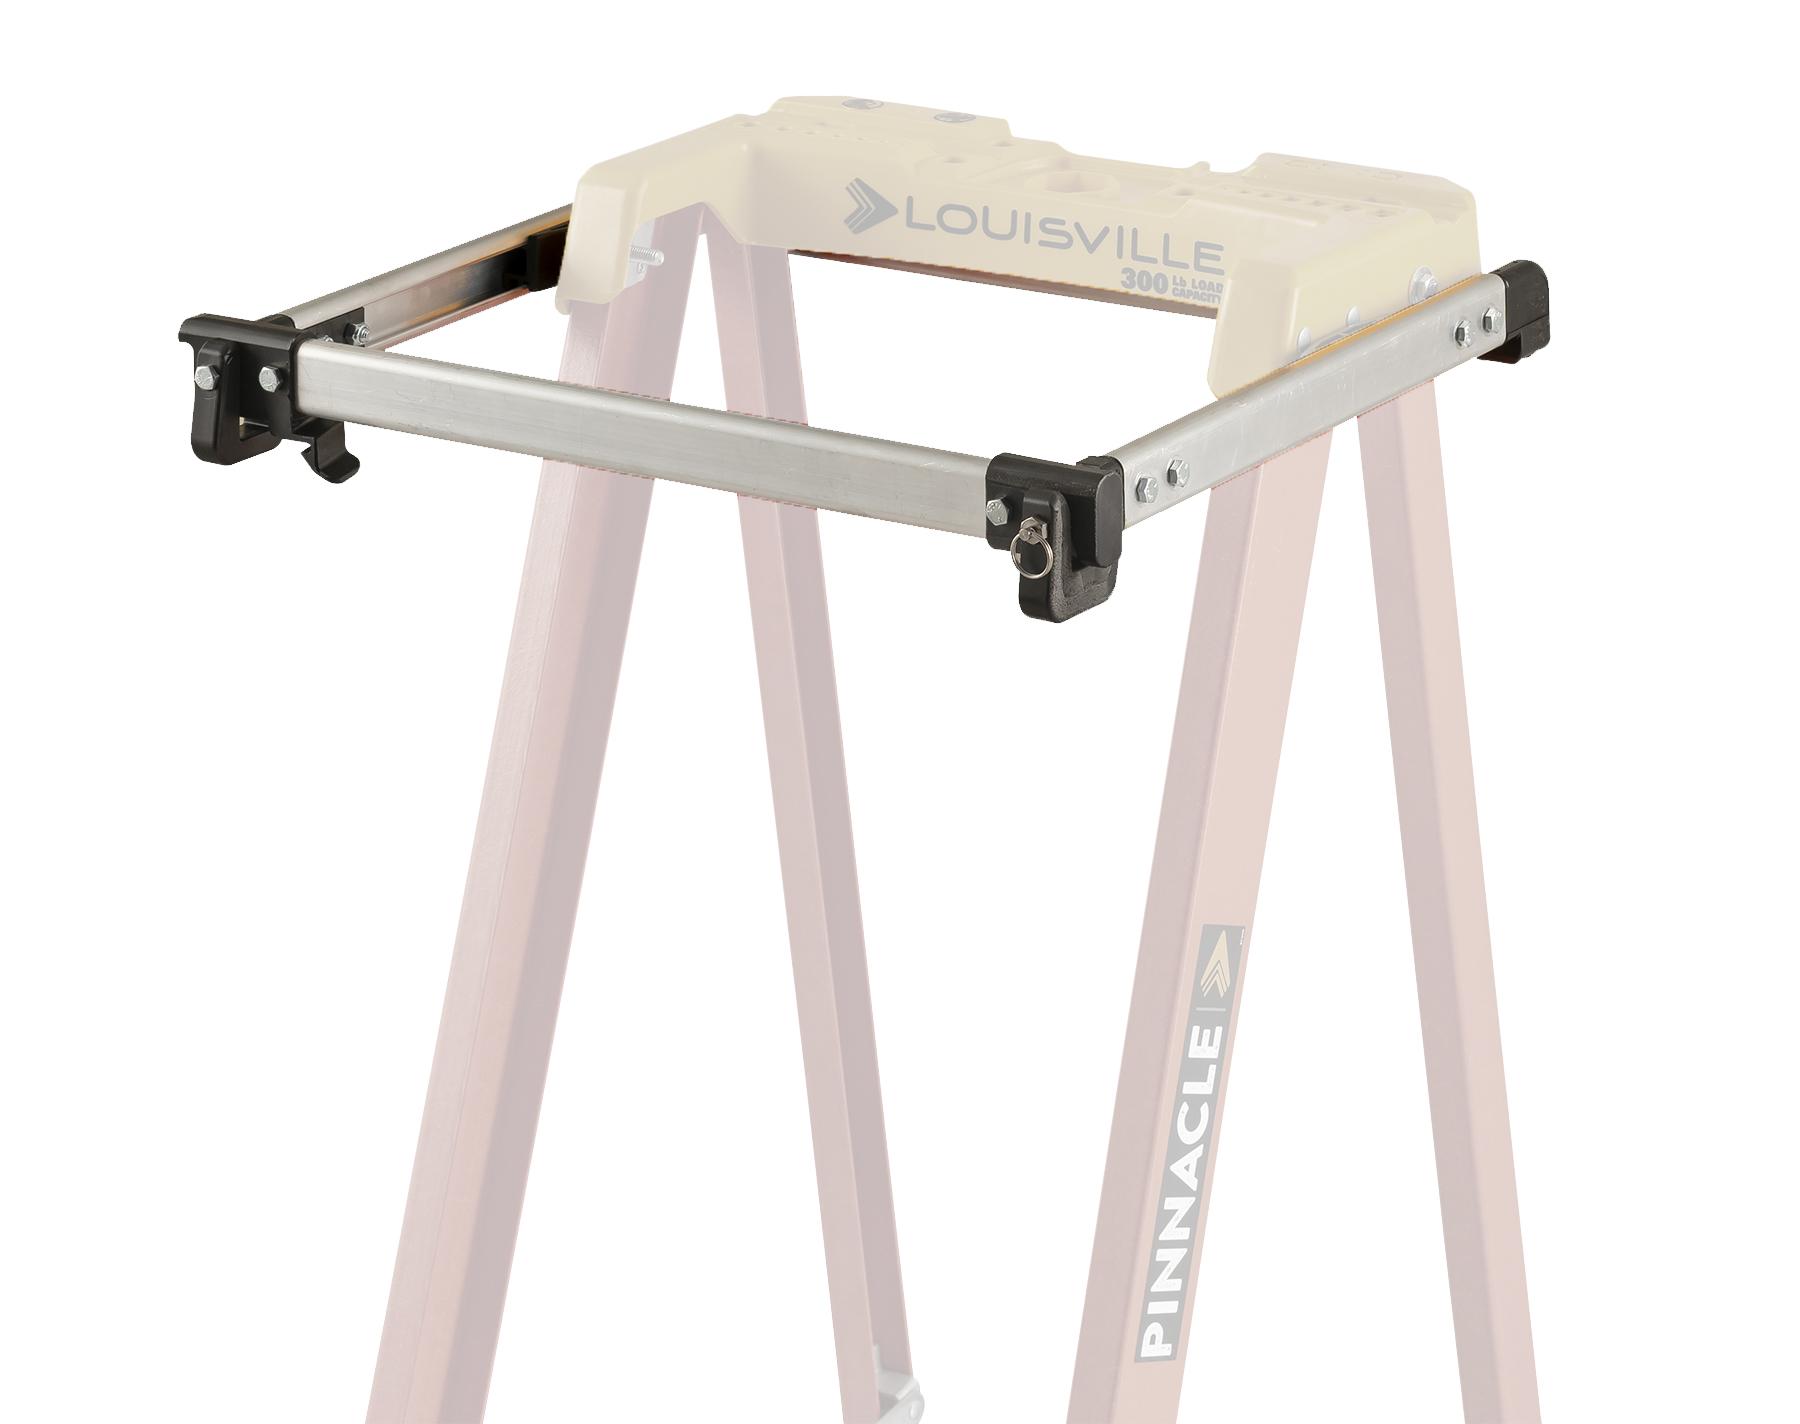 Louisville Ladder LP-2807-80 Pinnacle Gate Ladder Platform Accessory